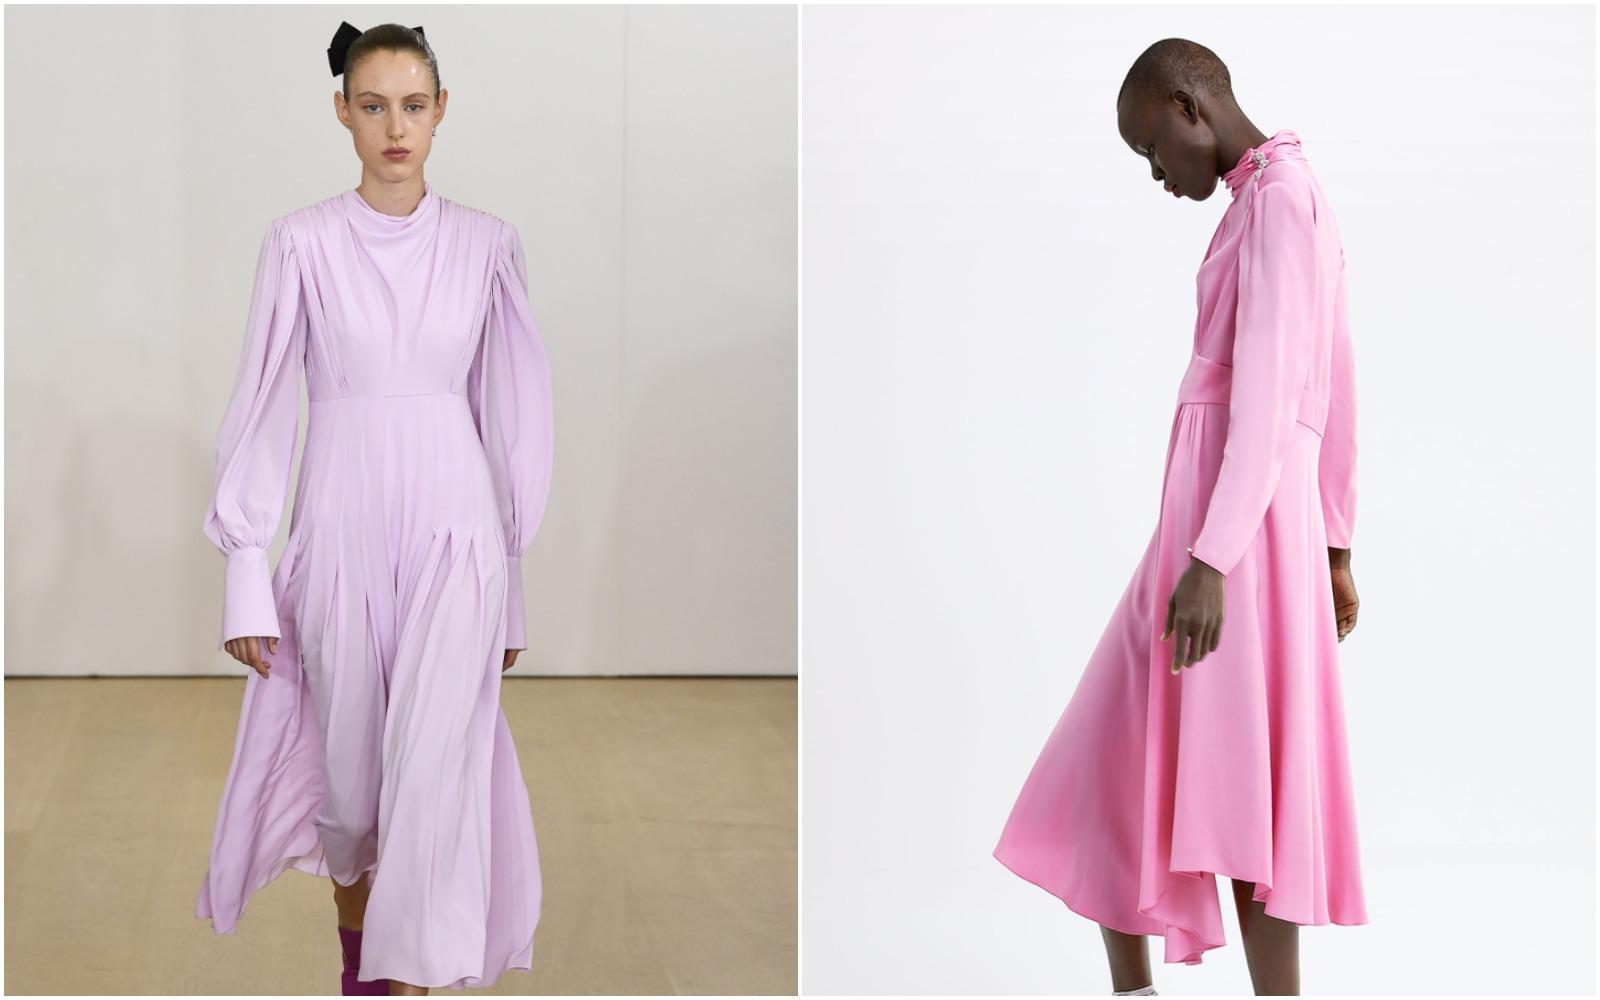 Uuups! O ediţie limitată Zara inspirată de o rochie Emilia Wickstead